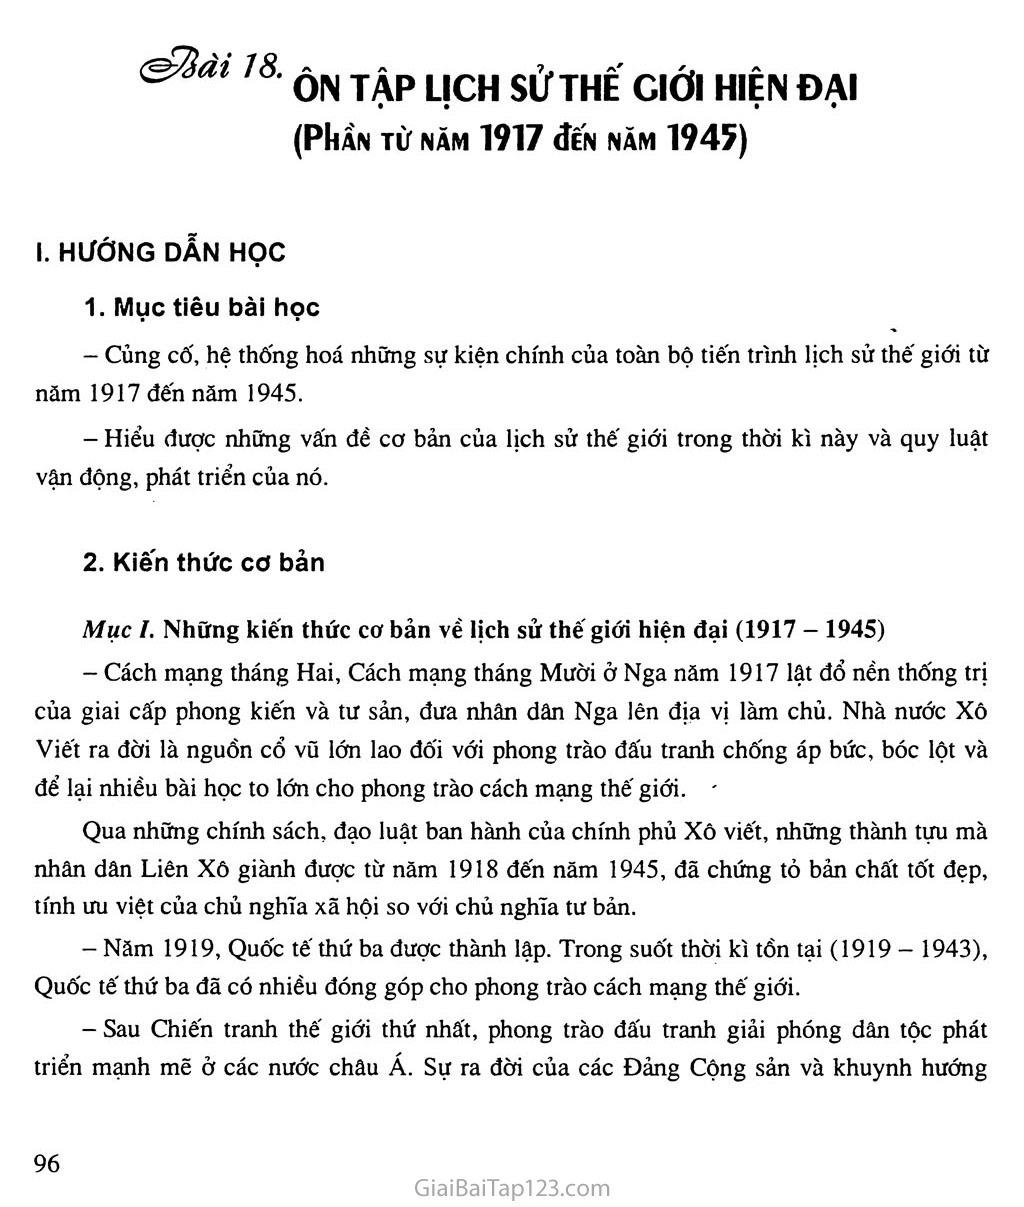 Bài 18: Ôn tập lịch sử thế giới hiện đại (phần từ năm 1917 đến năm 1945) trang 1